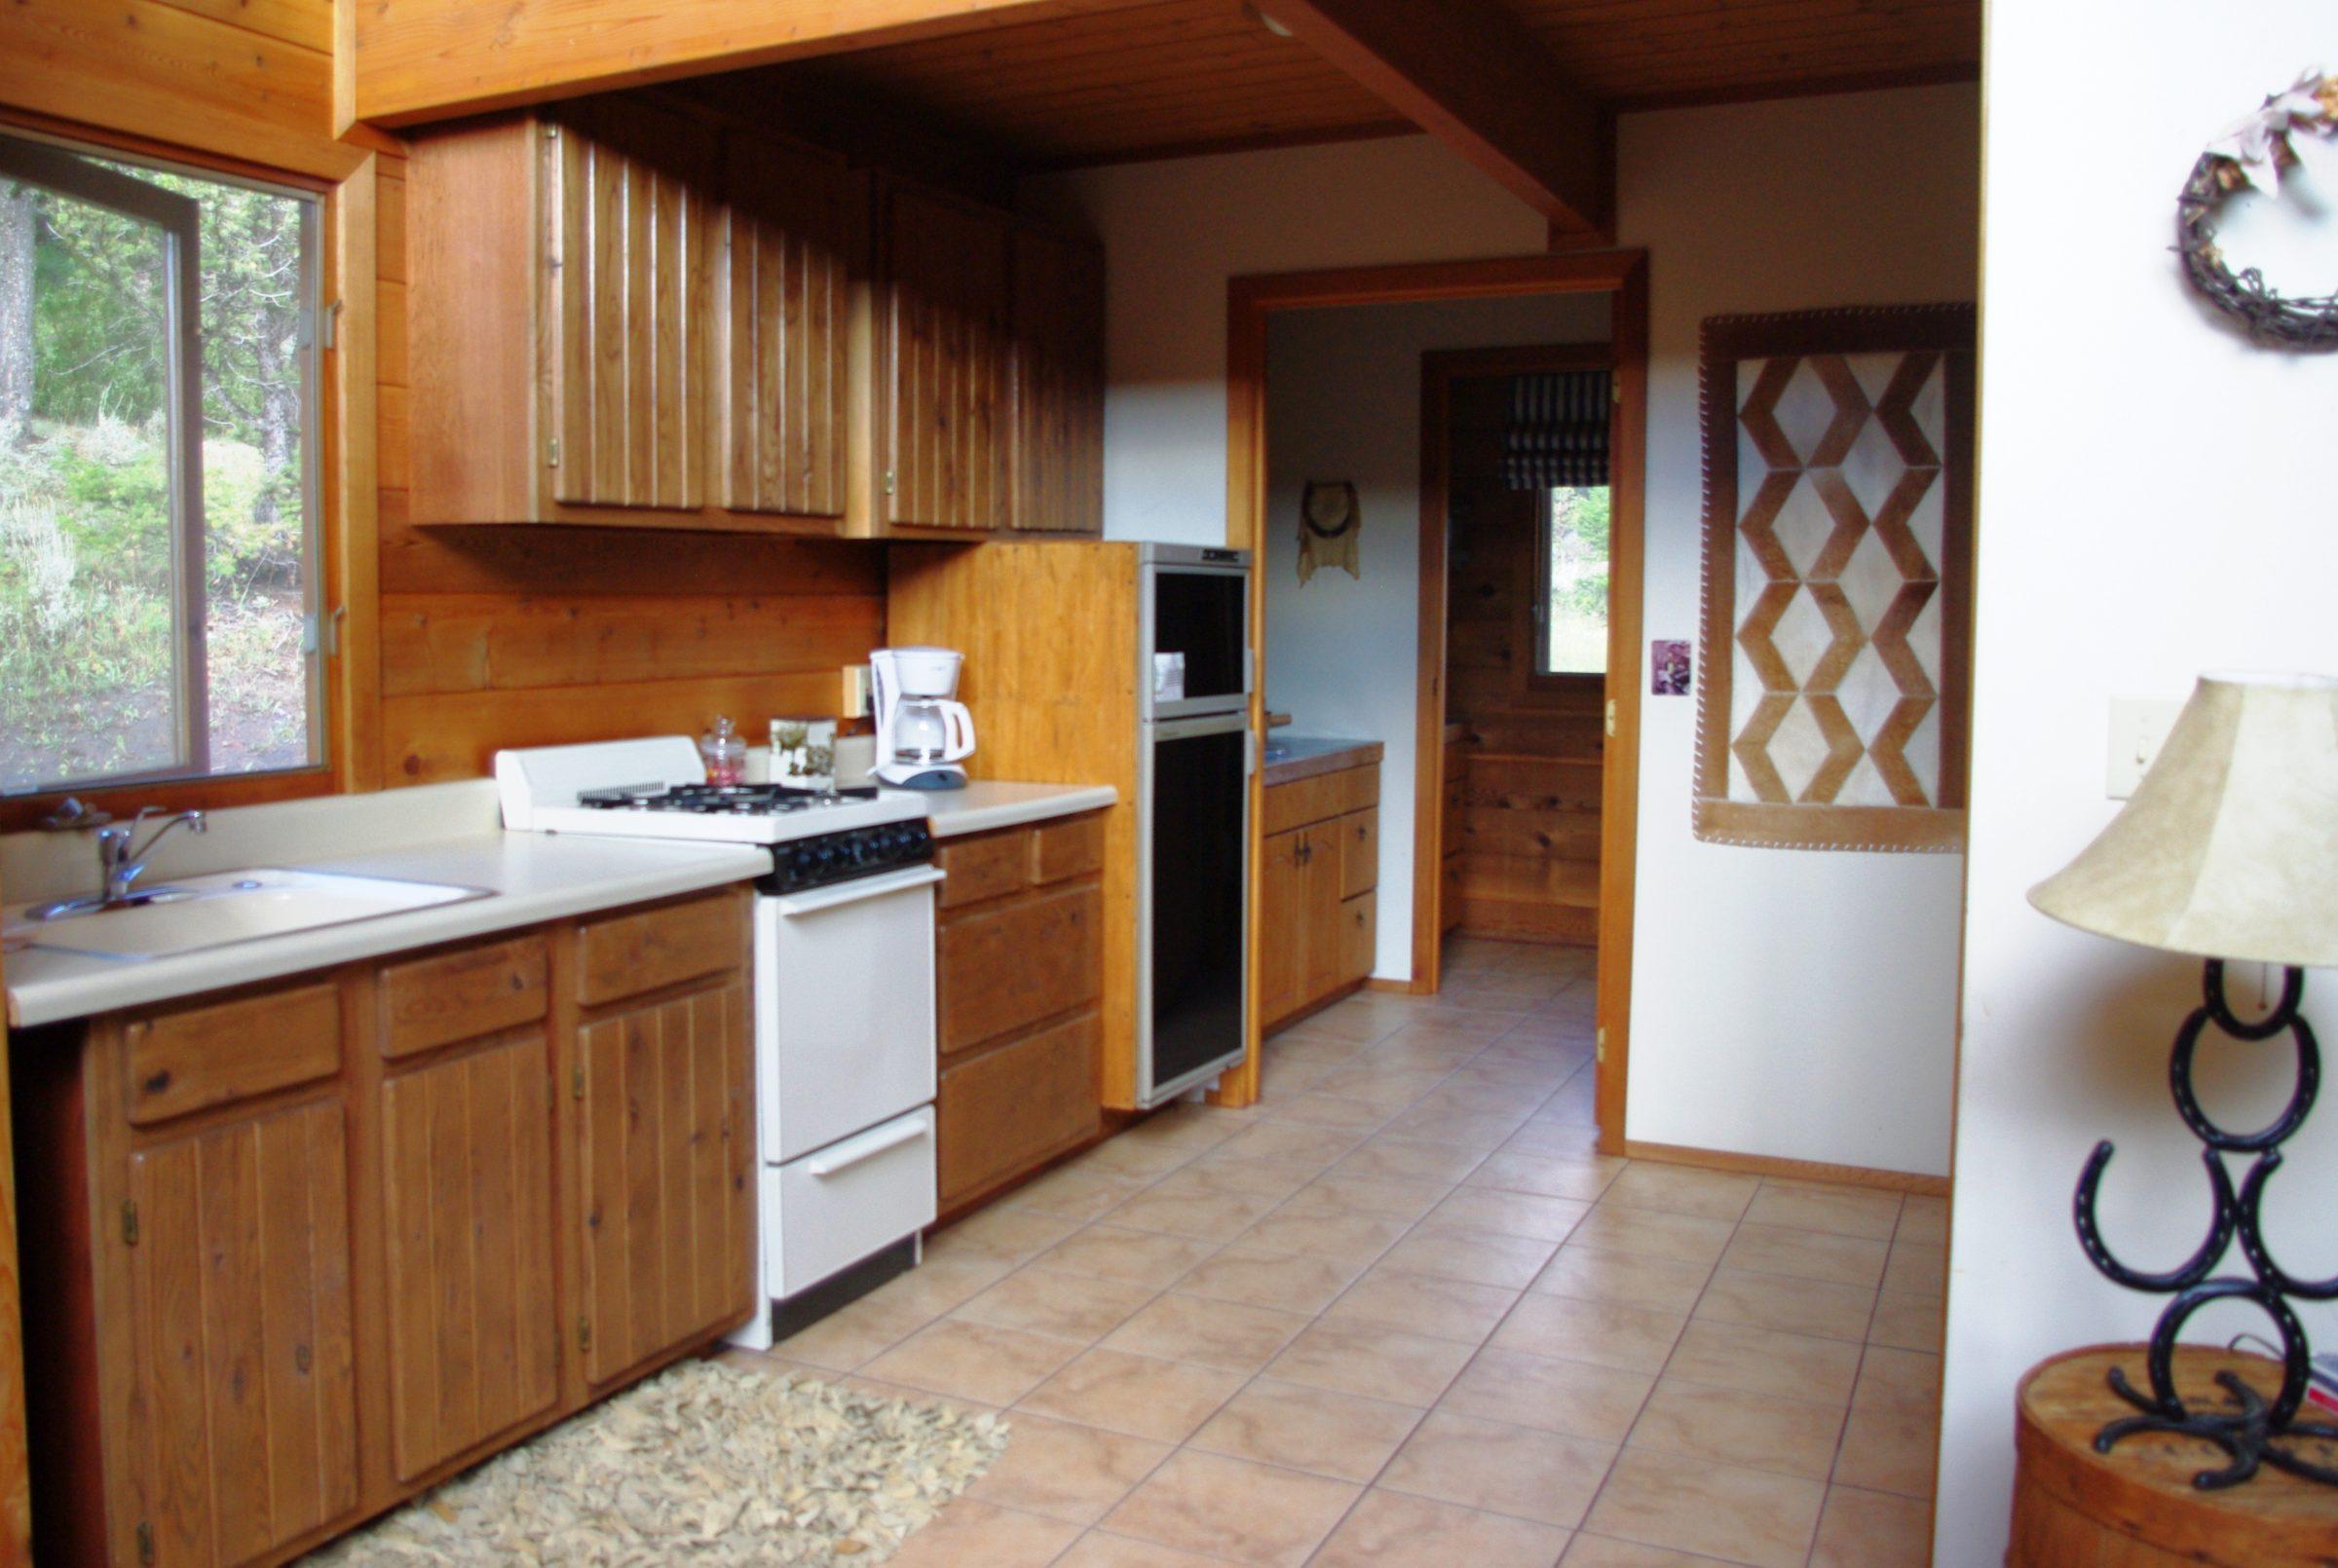 downloads full 2400x1610 - Cowboy Kitchen